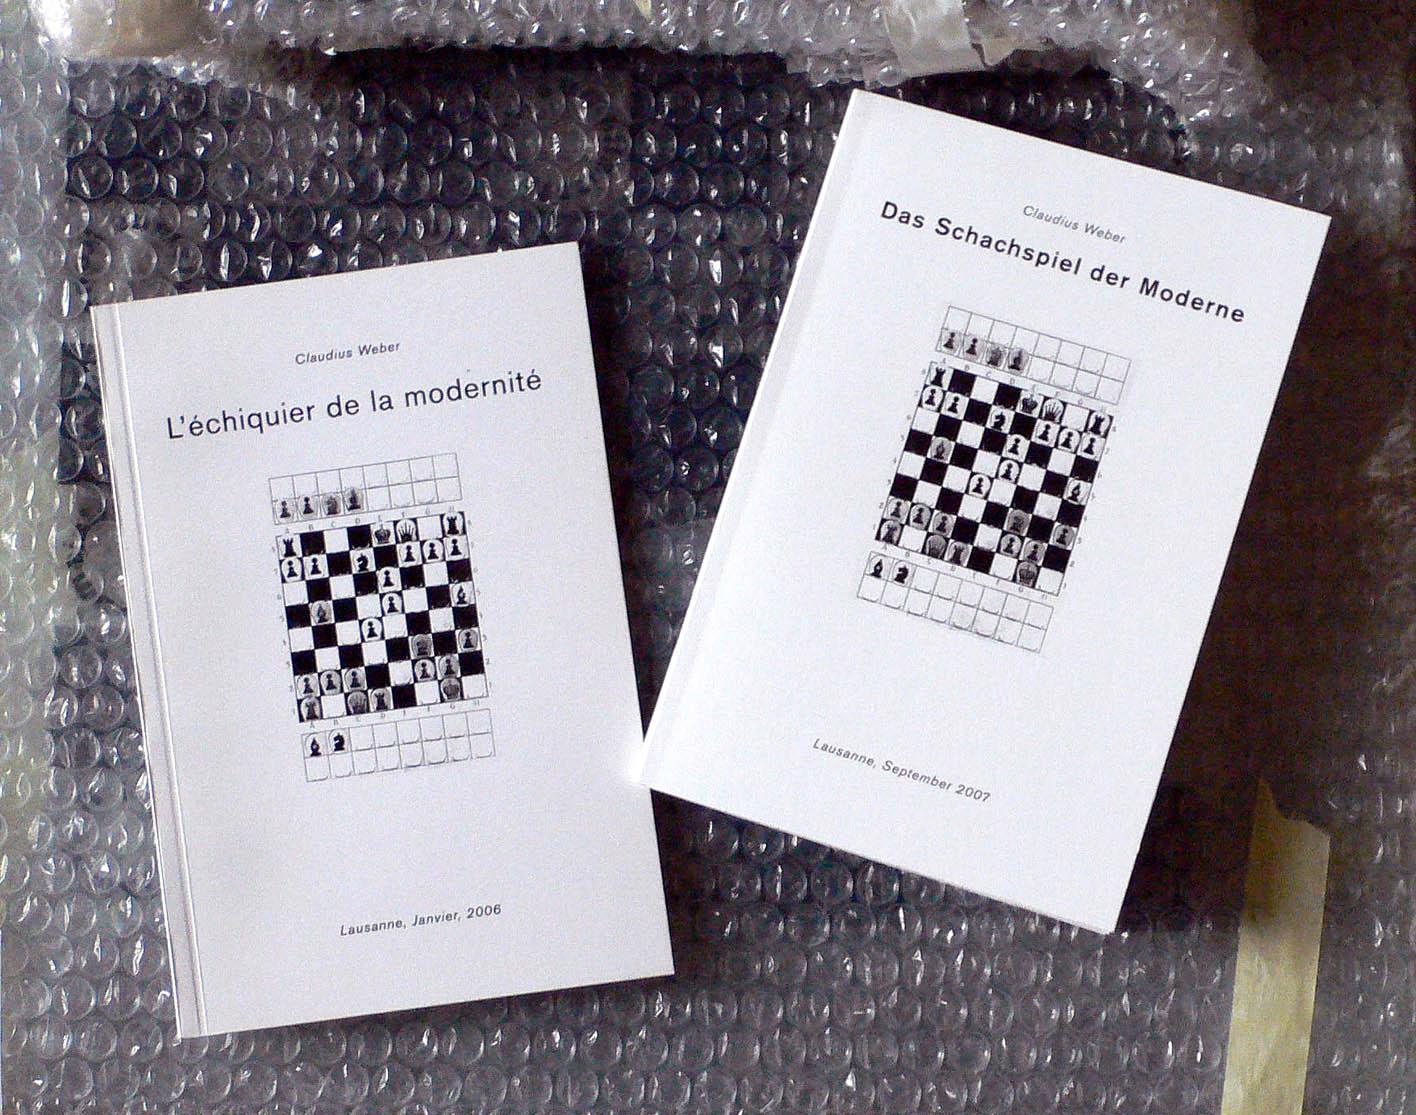 Das Schachspiel der Moderne